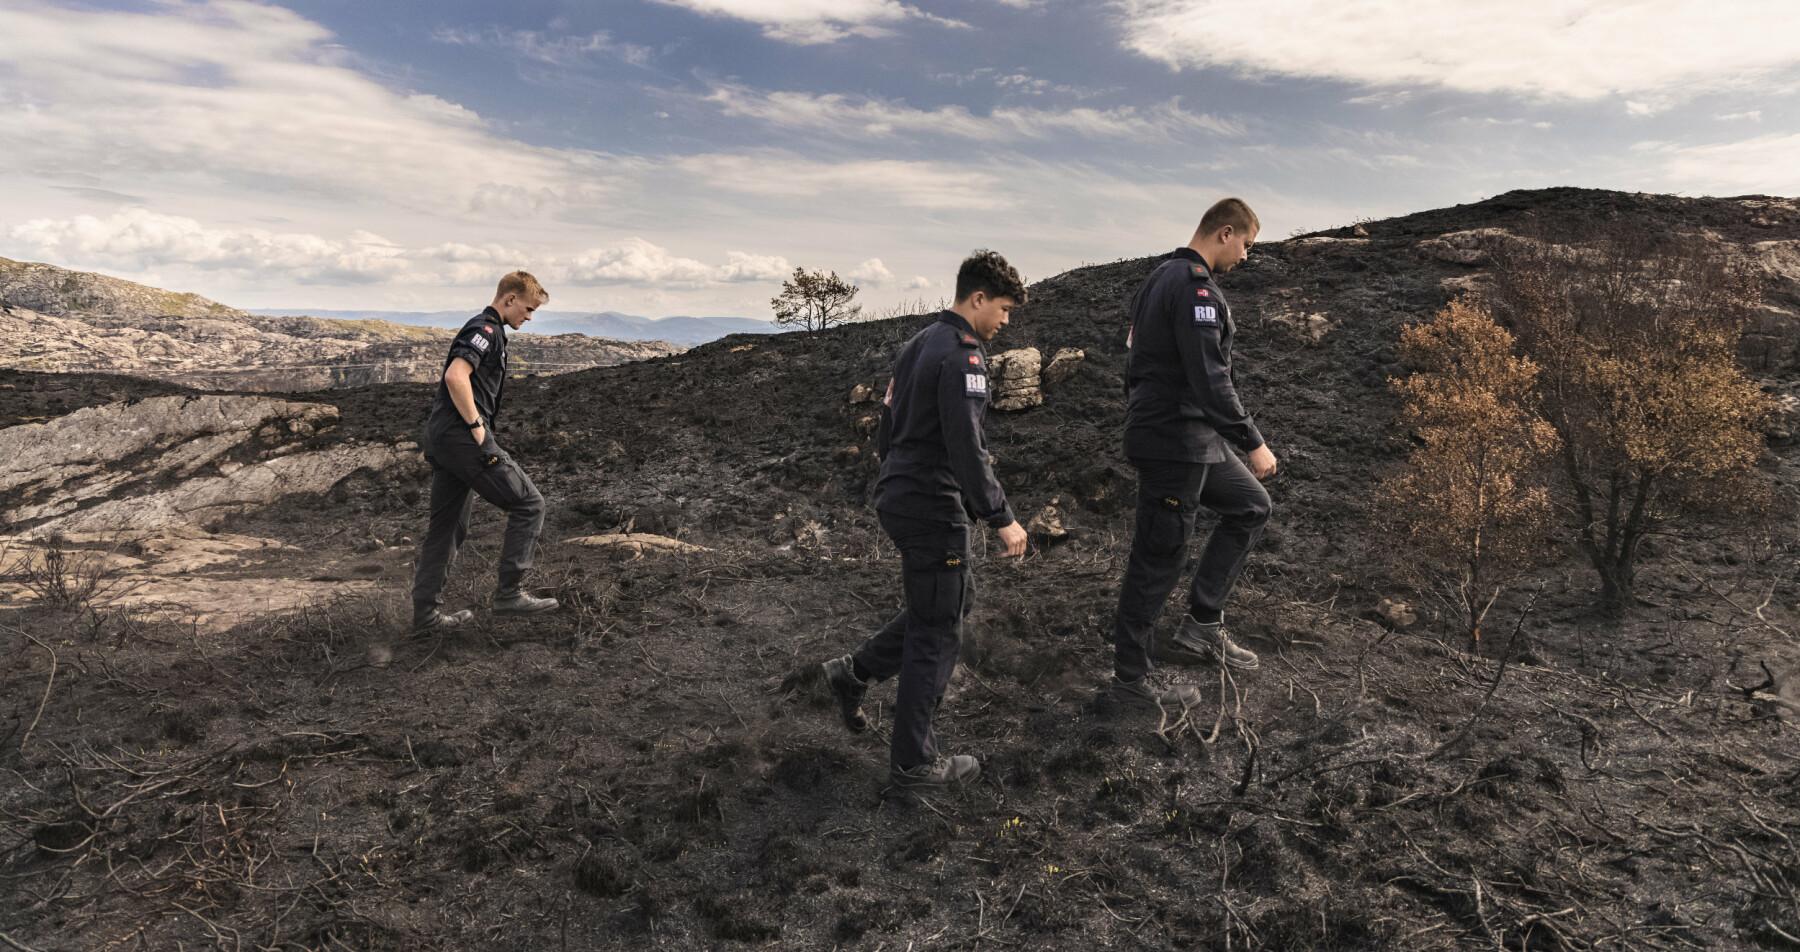 Vi blir med brannvernsoldater fra Haakonsvern ut til Sotra hvor de var med på å slokke en stor brann i området. Brannvernkonstabel: Hans Kristian Bremnes. Brannvernsoldater: Sinde Kolstad (lyst hår), Daniel Bolme og Marius Hallgren (krøller).